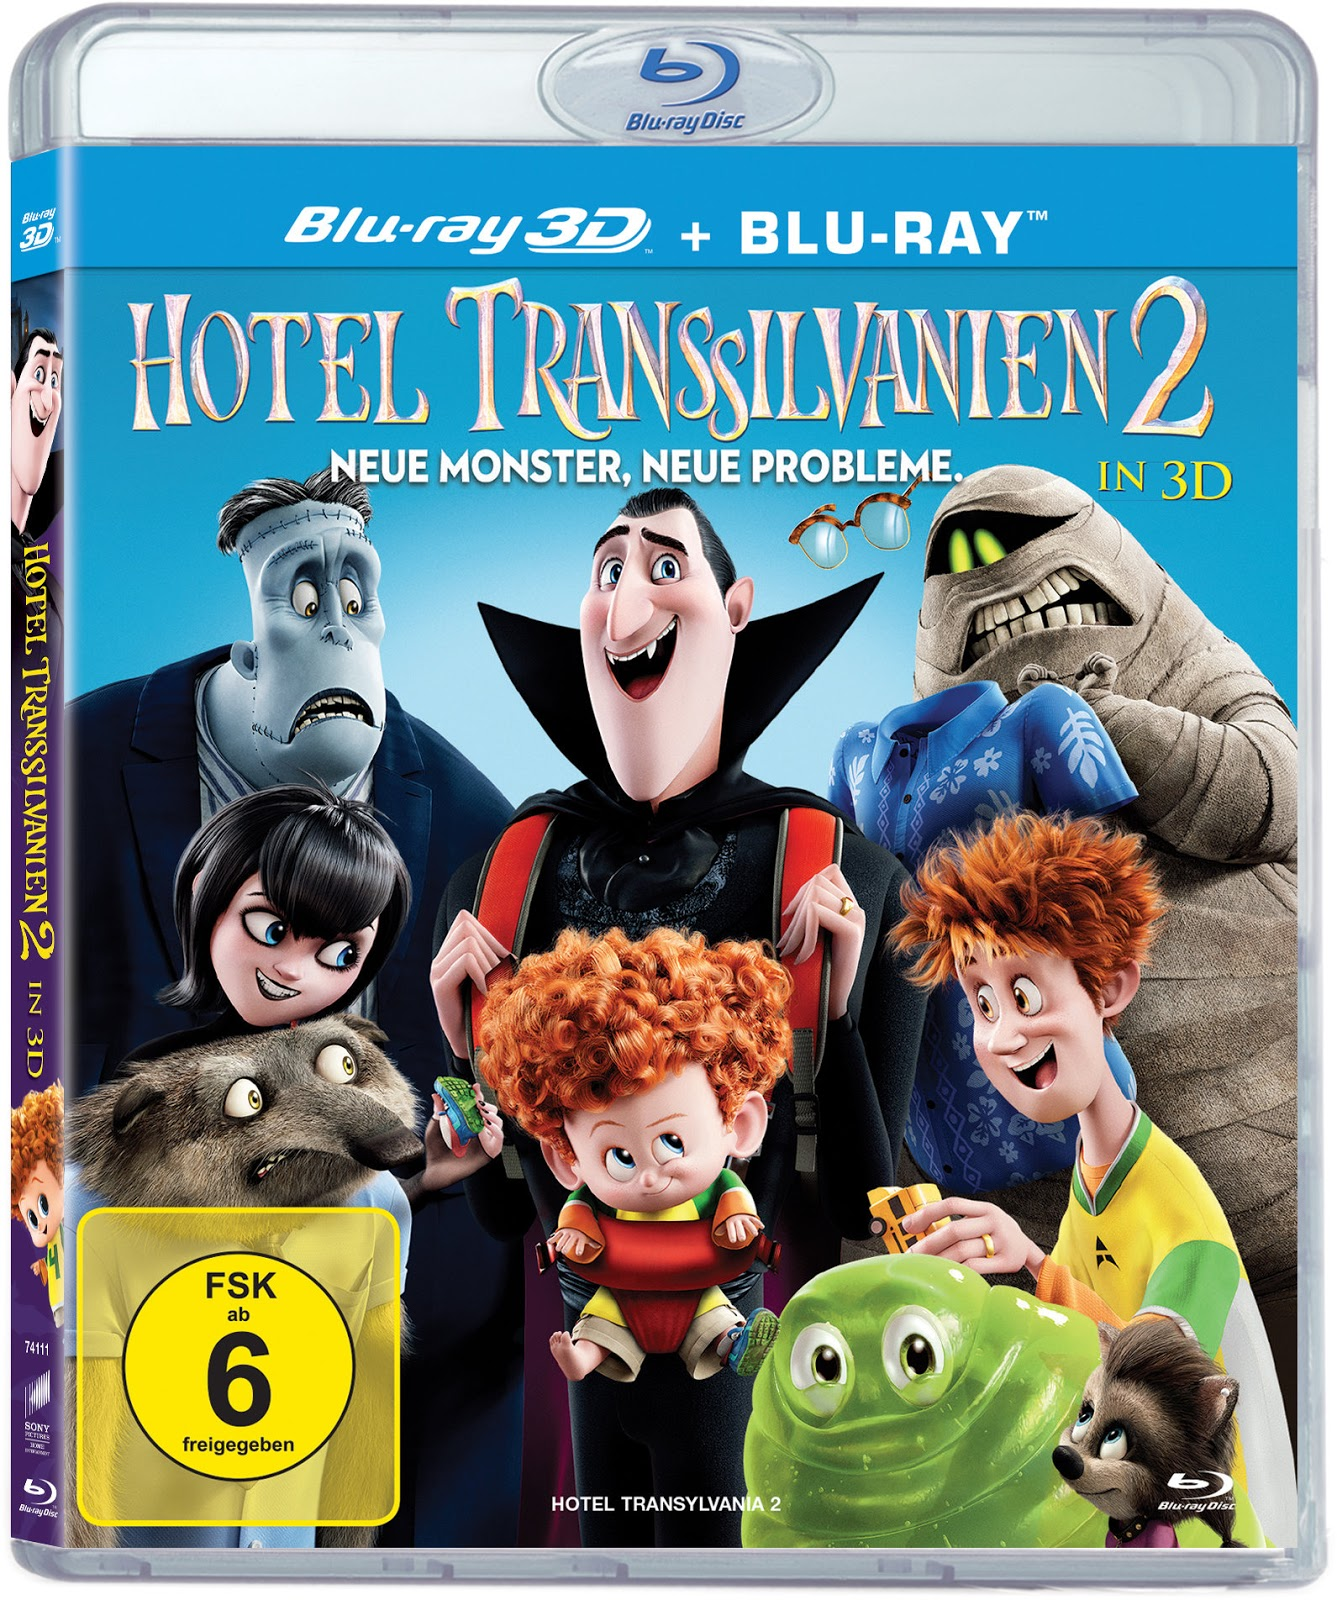 Hotel Transsilvanien 2